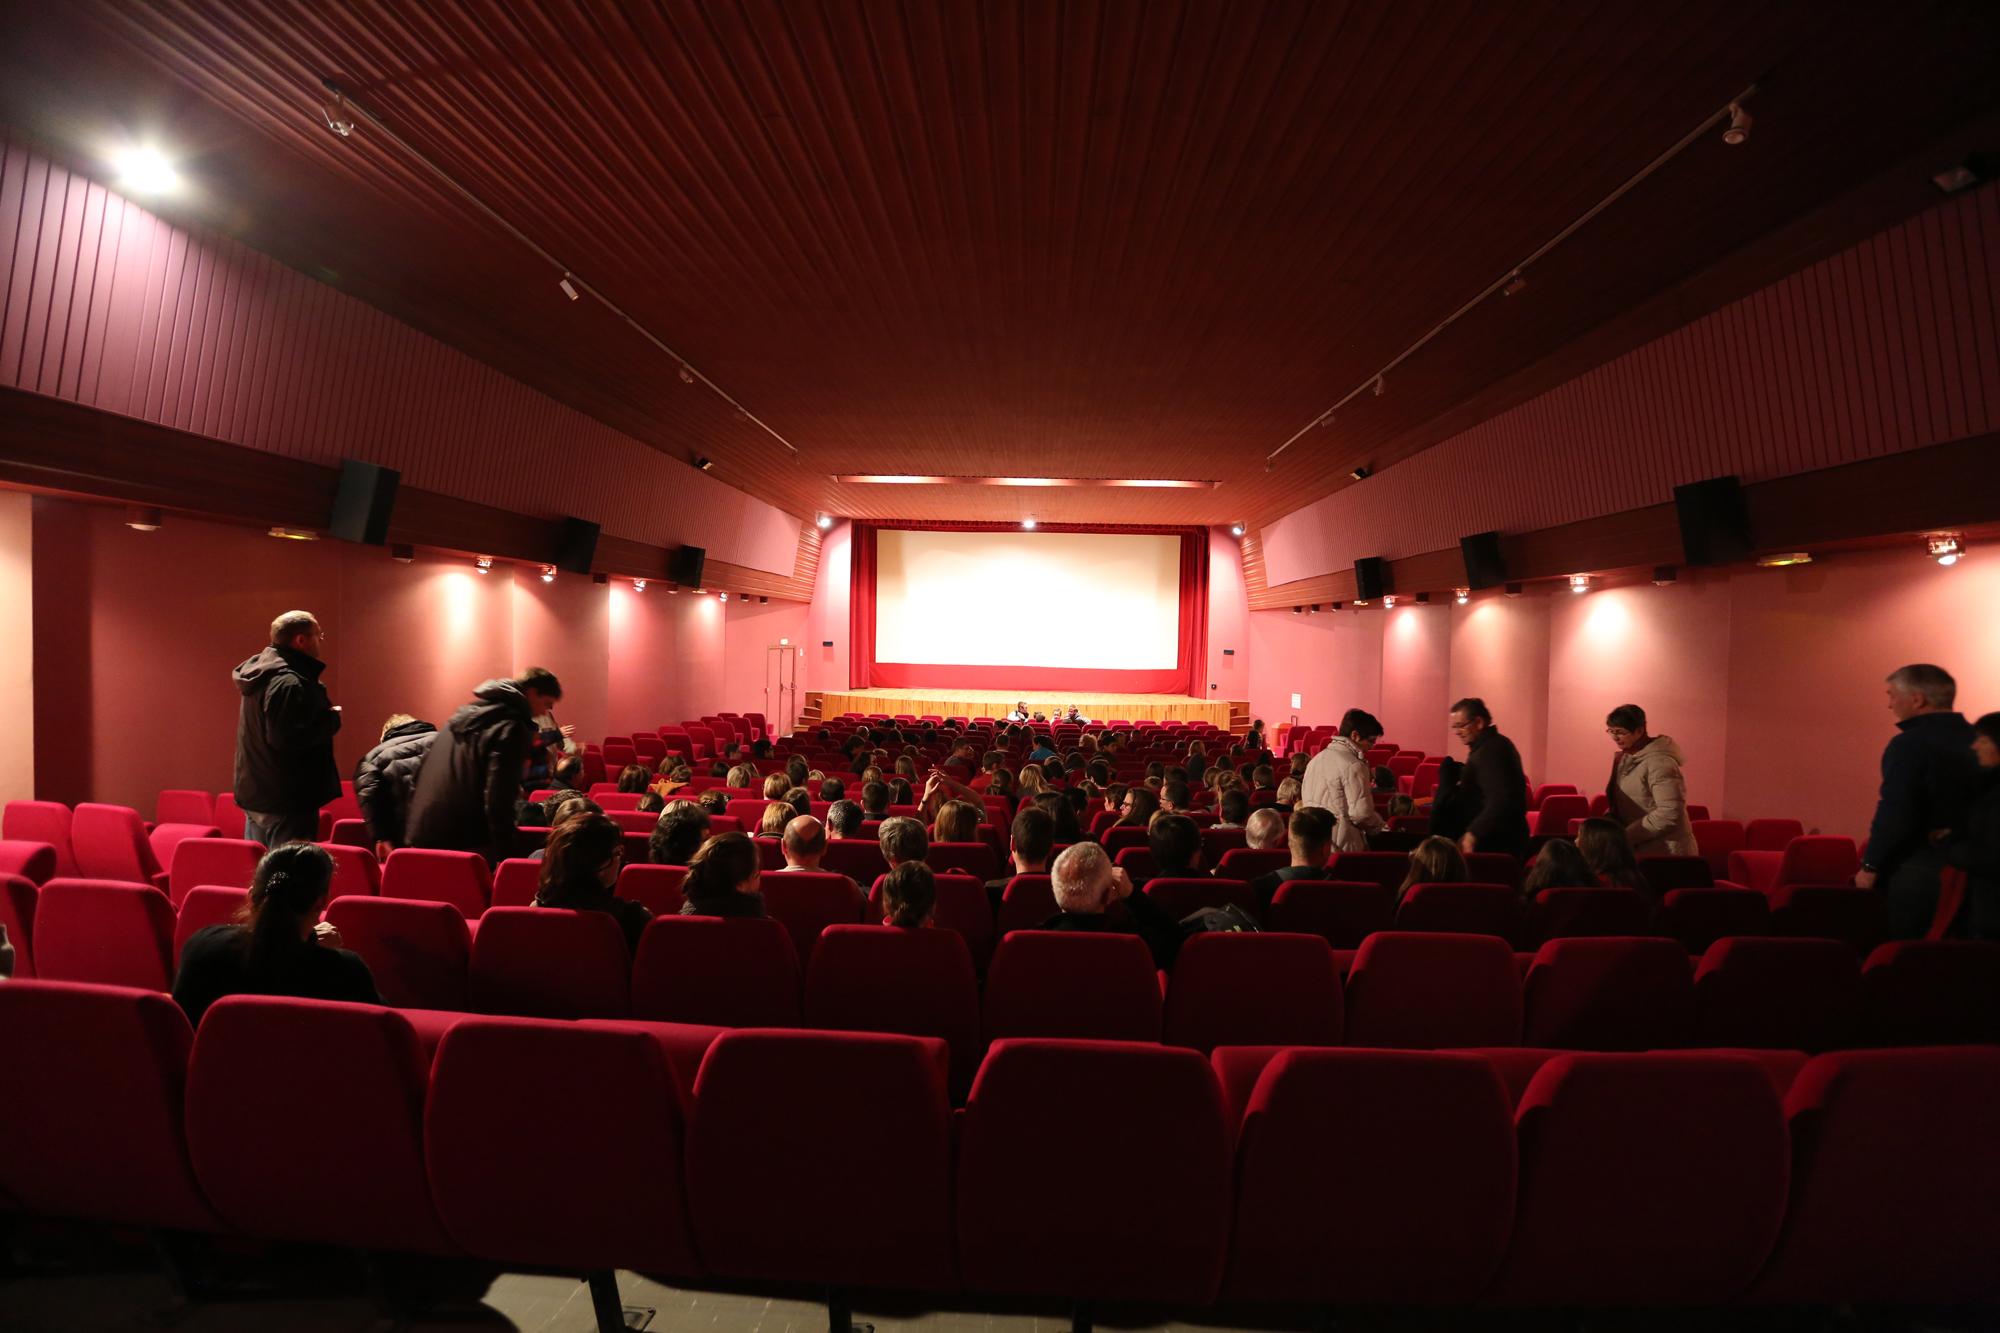 Cinéma © P. Delannoy / Ot Valloire